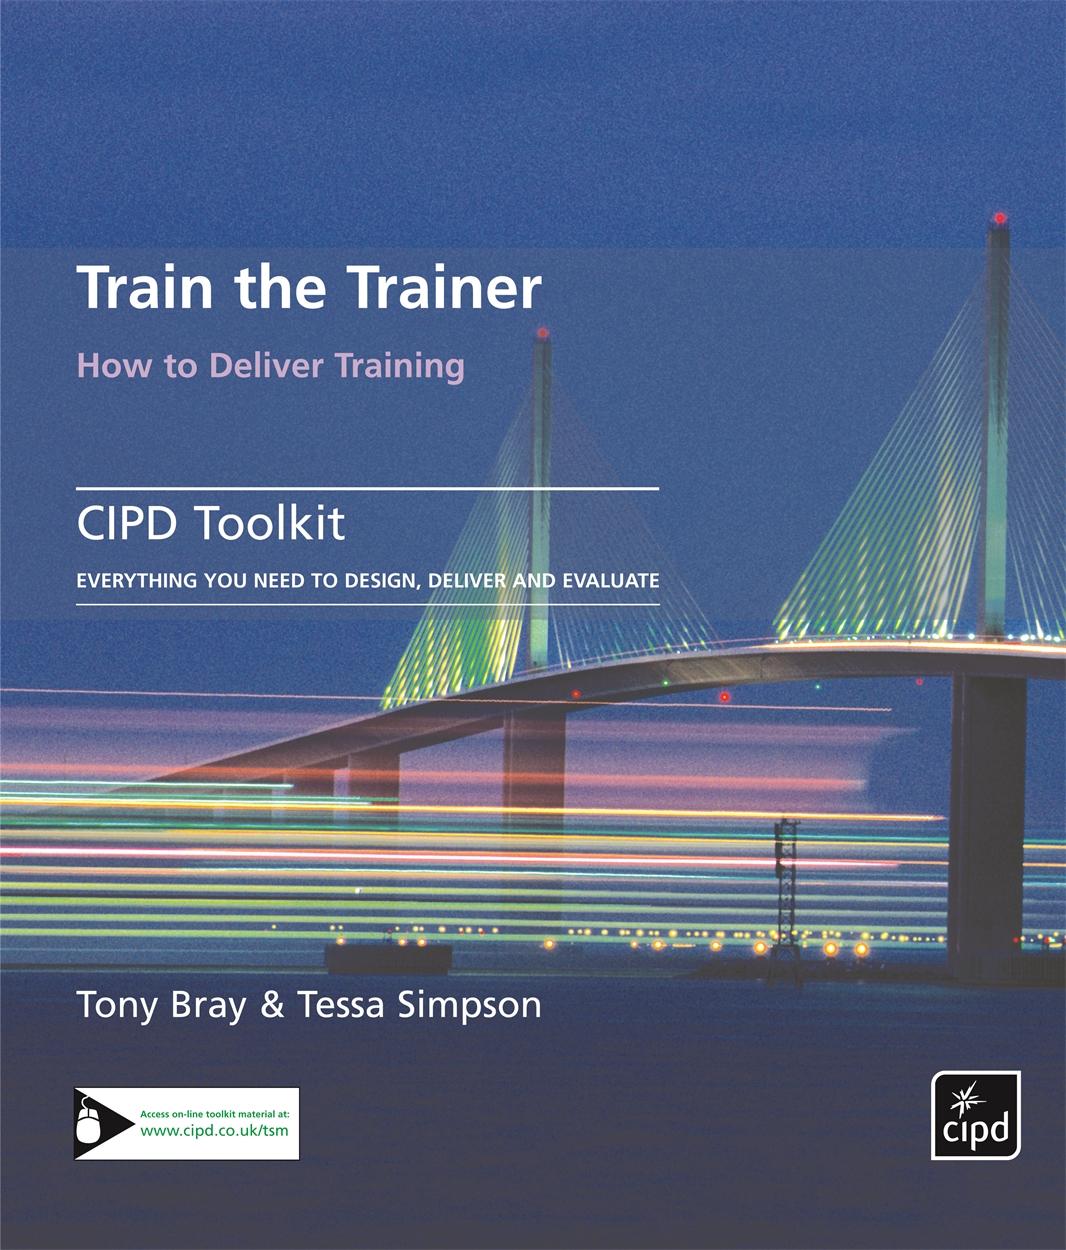 Train the Trainer (9781843981800)